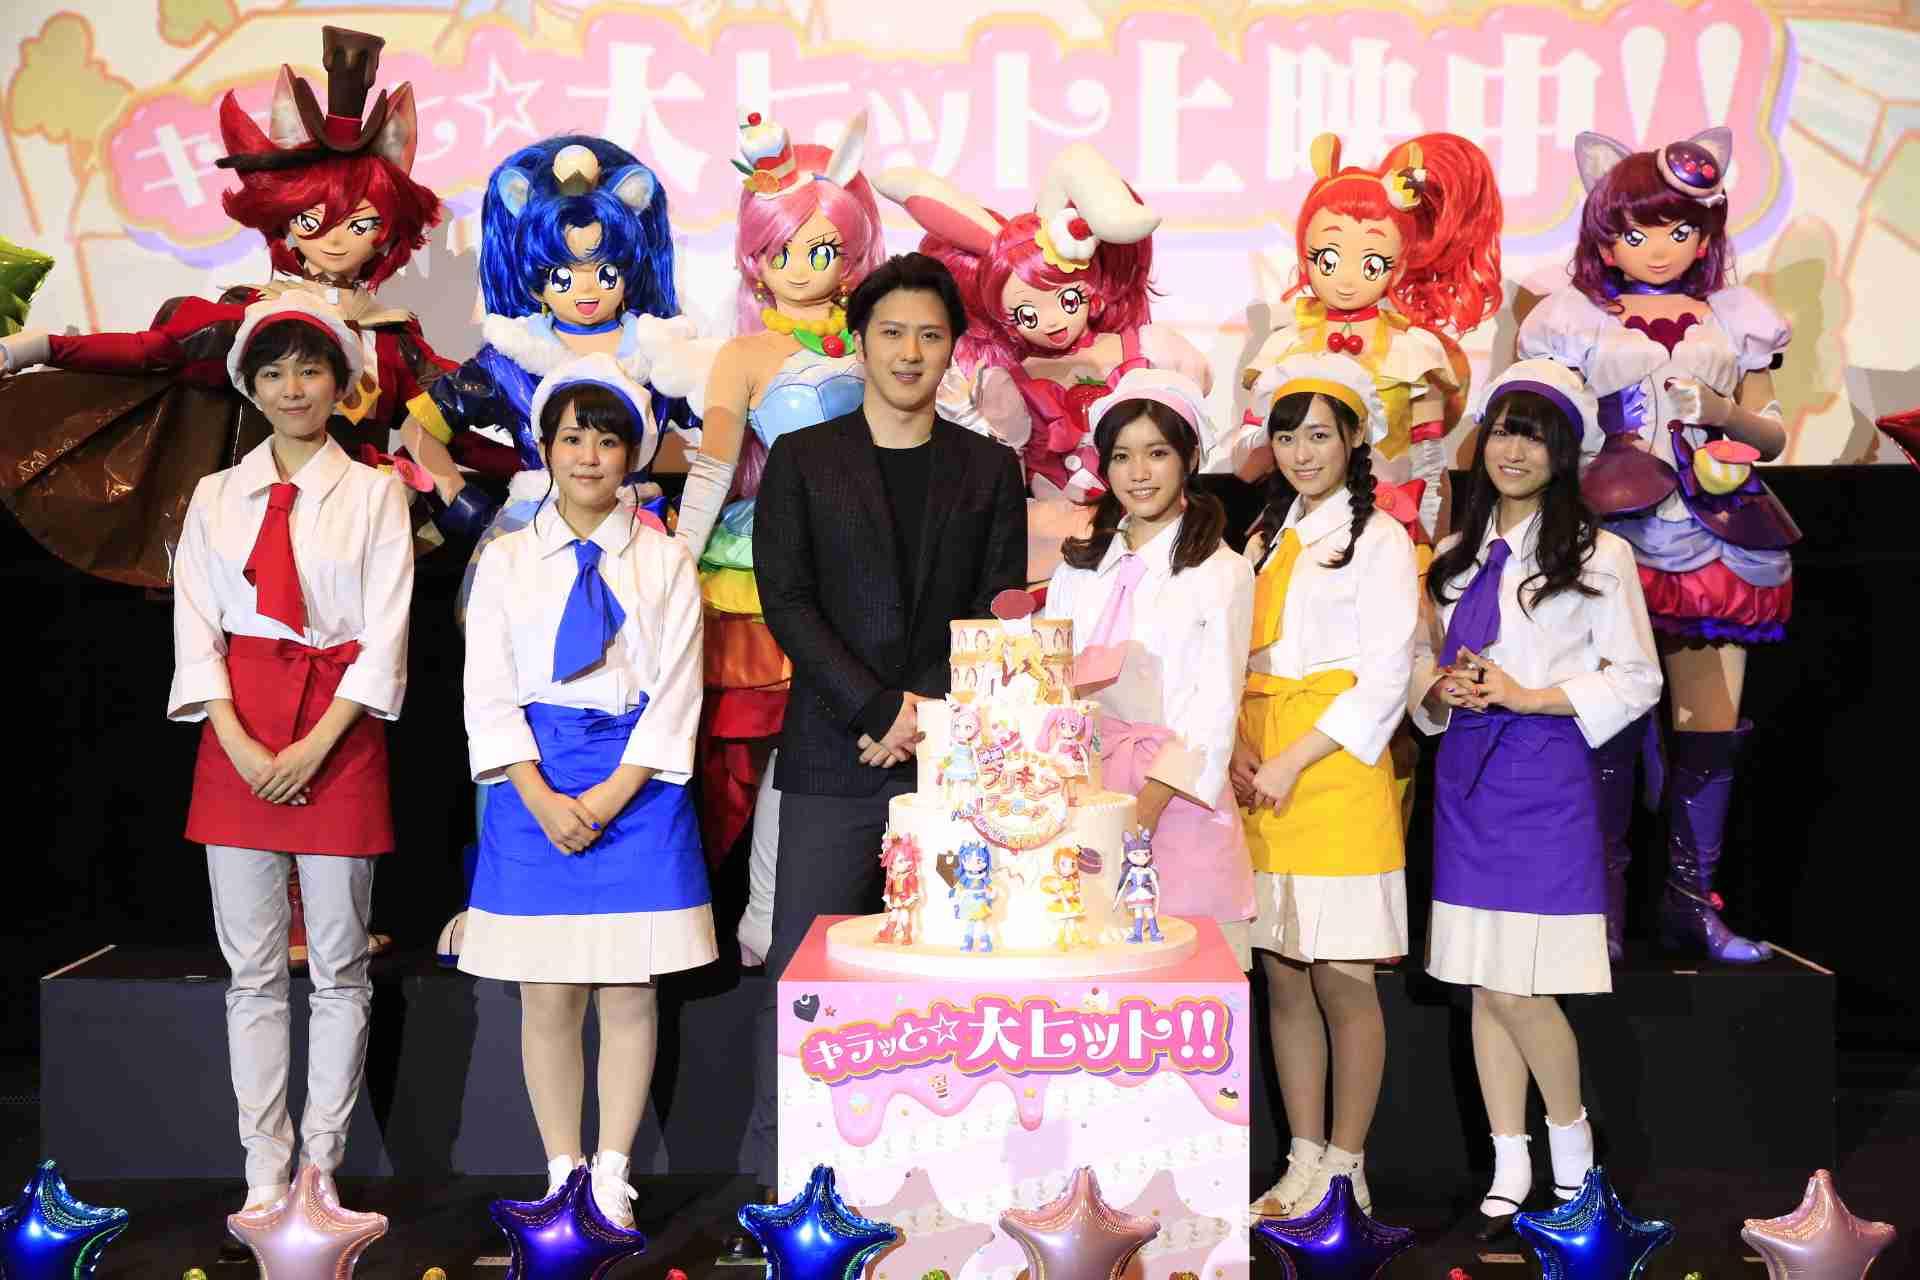 映画の大ヒットを3Dケーキでお祝い! 『映画キラキラ☆プリキュアアラモード パリッと!想い出のミルフィーユ!』大ヒット舞台挨拶 | 超!アニメディア